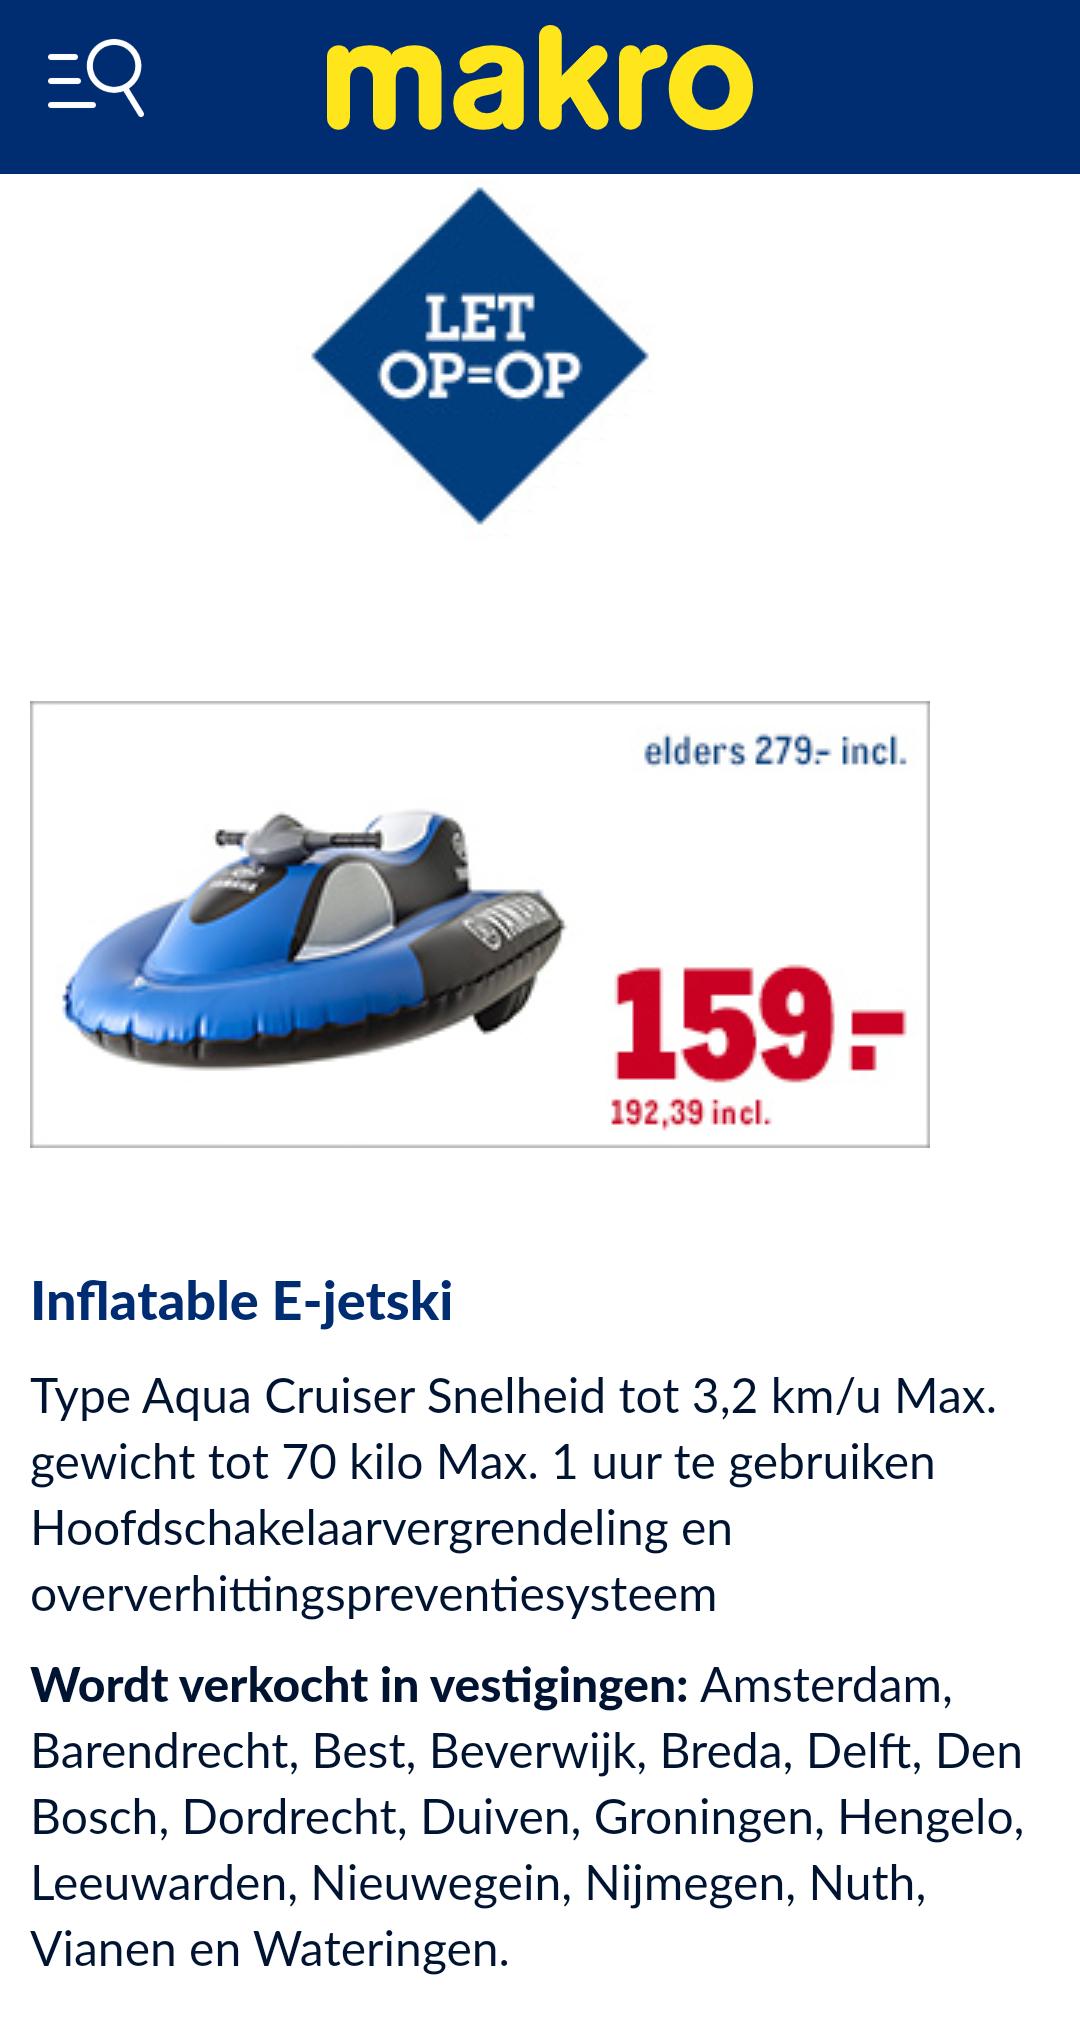 Inflatable E-jetski